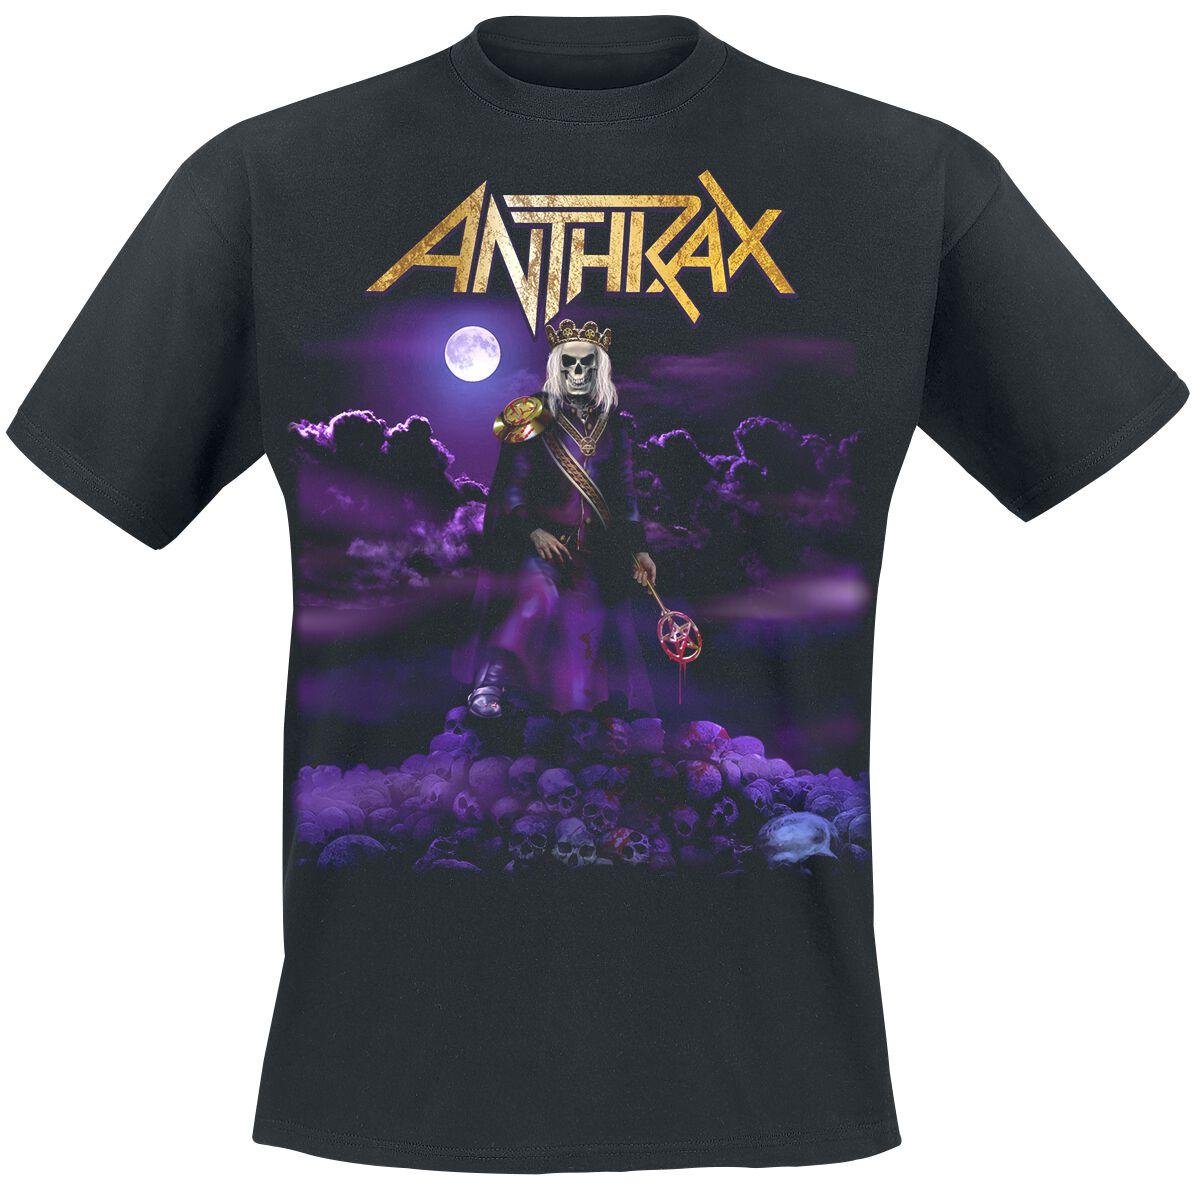 Zespoły - Koszulki - T-Shirt Anthrax Suzerain T-Shirt czarny - 360110